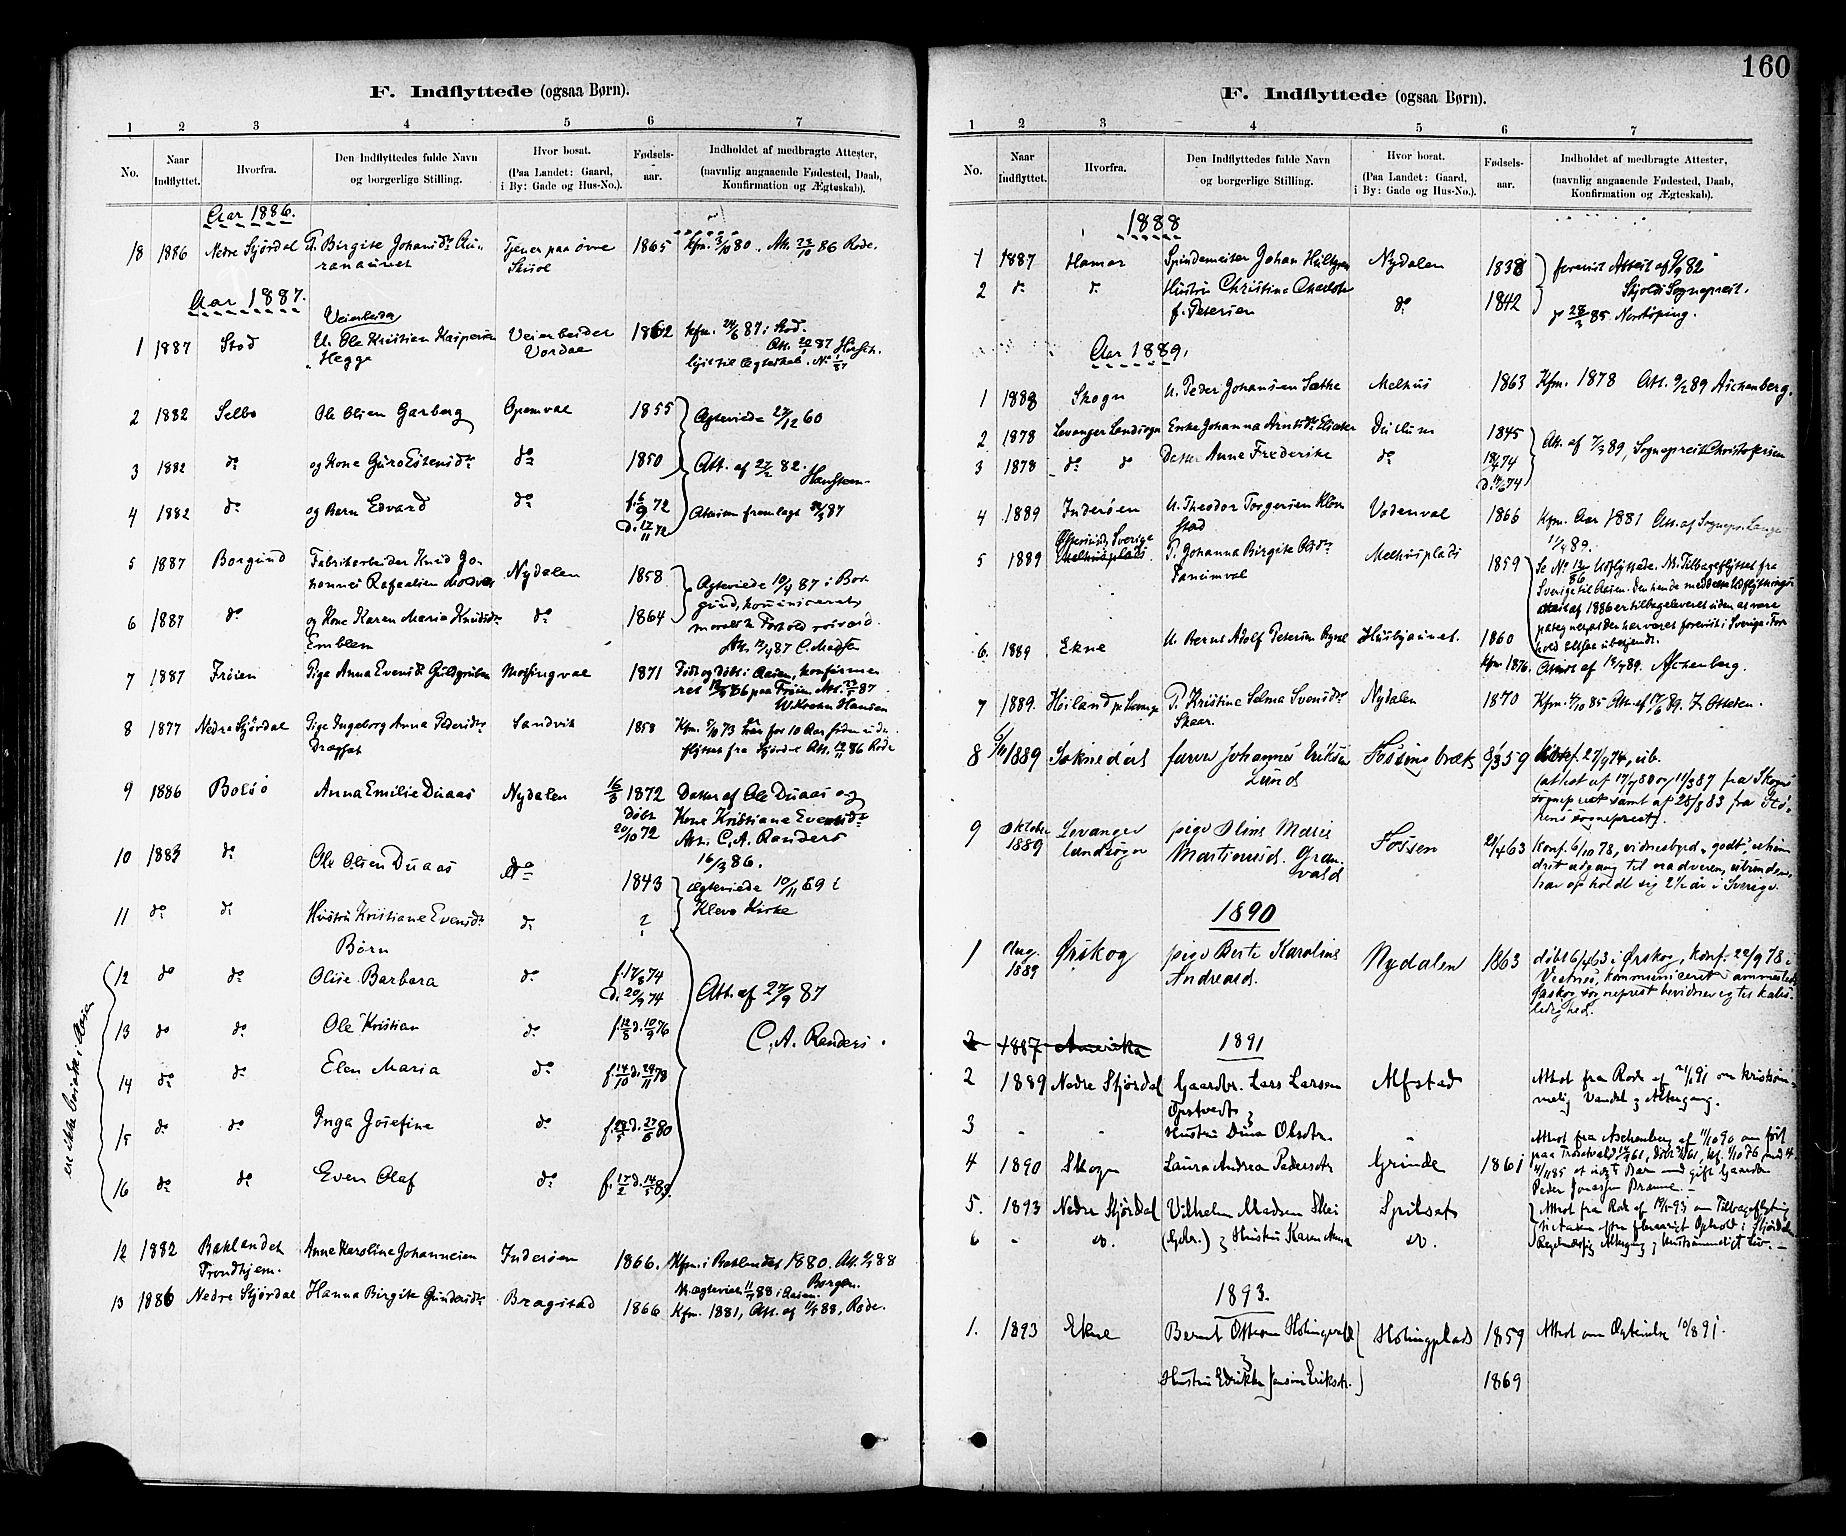 SAT, Ministerialprotokoller, klokkerbøker og fødselsregistre - Nord-Trøndelag, 714/L0130: Ministerialbok nr. 714A01, 1878-1895, s. 160